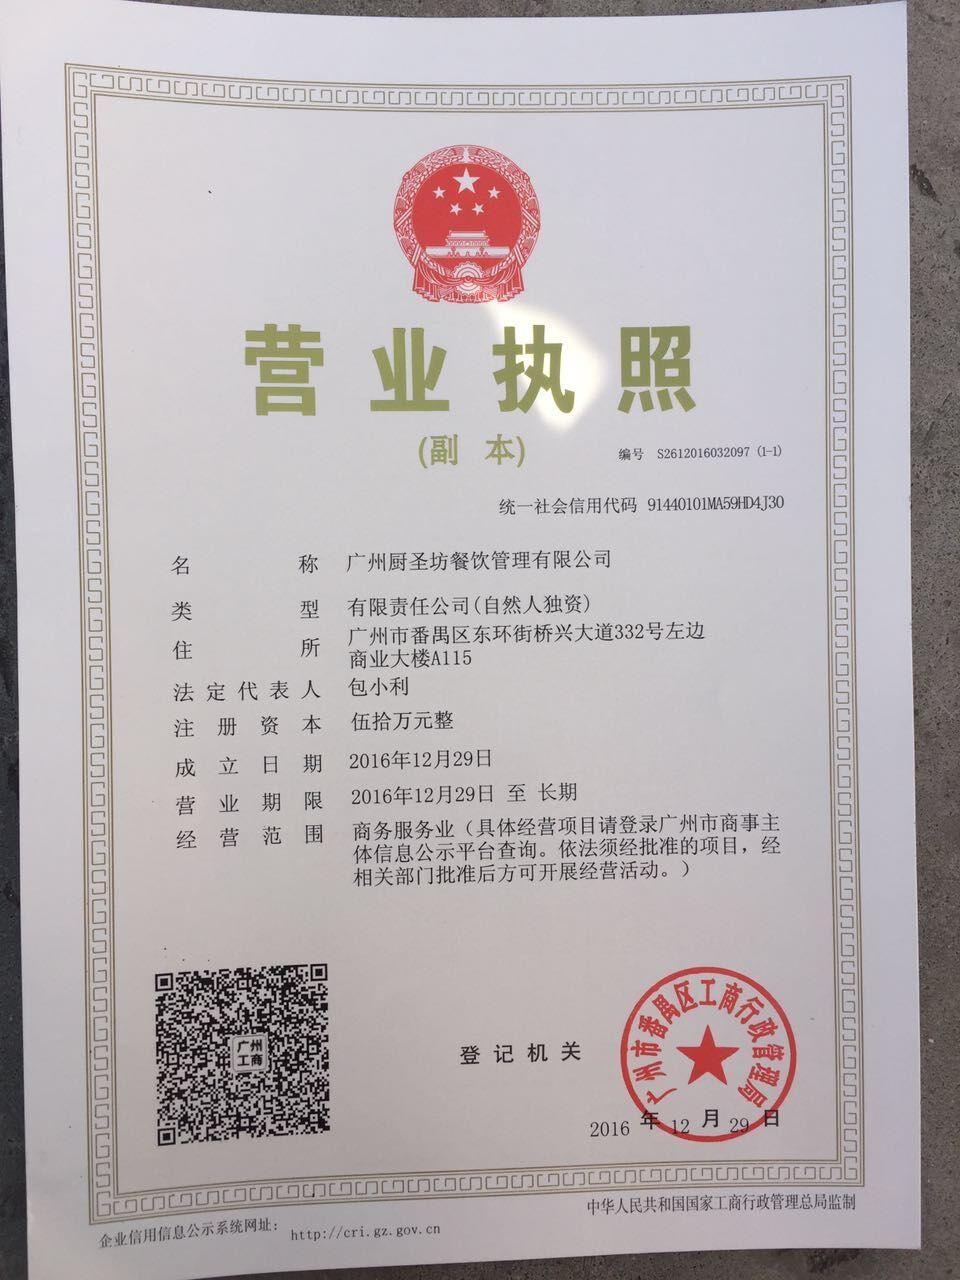 广州厨圣坊餐饮有限公司